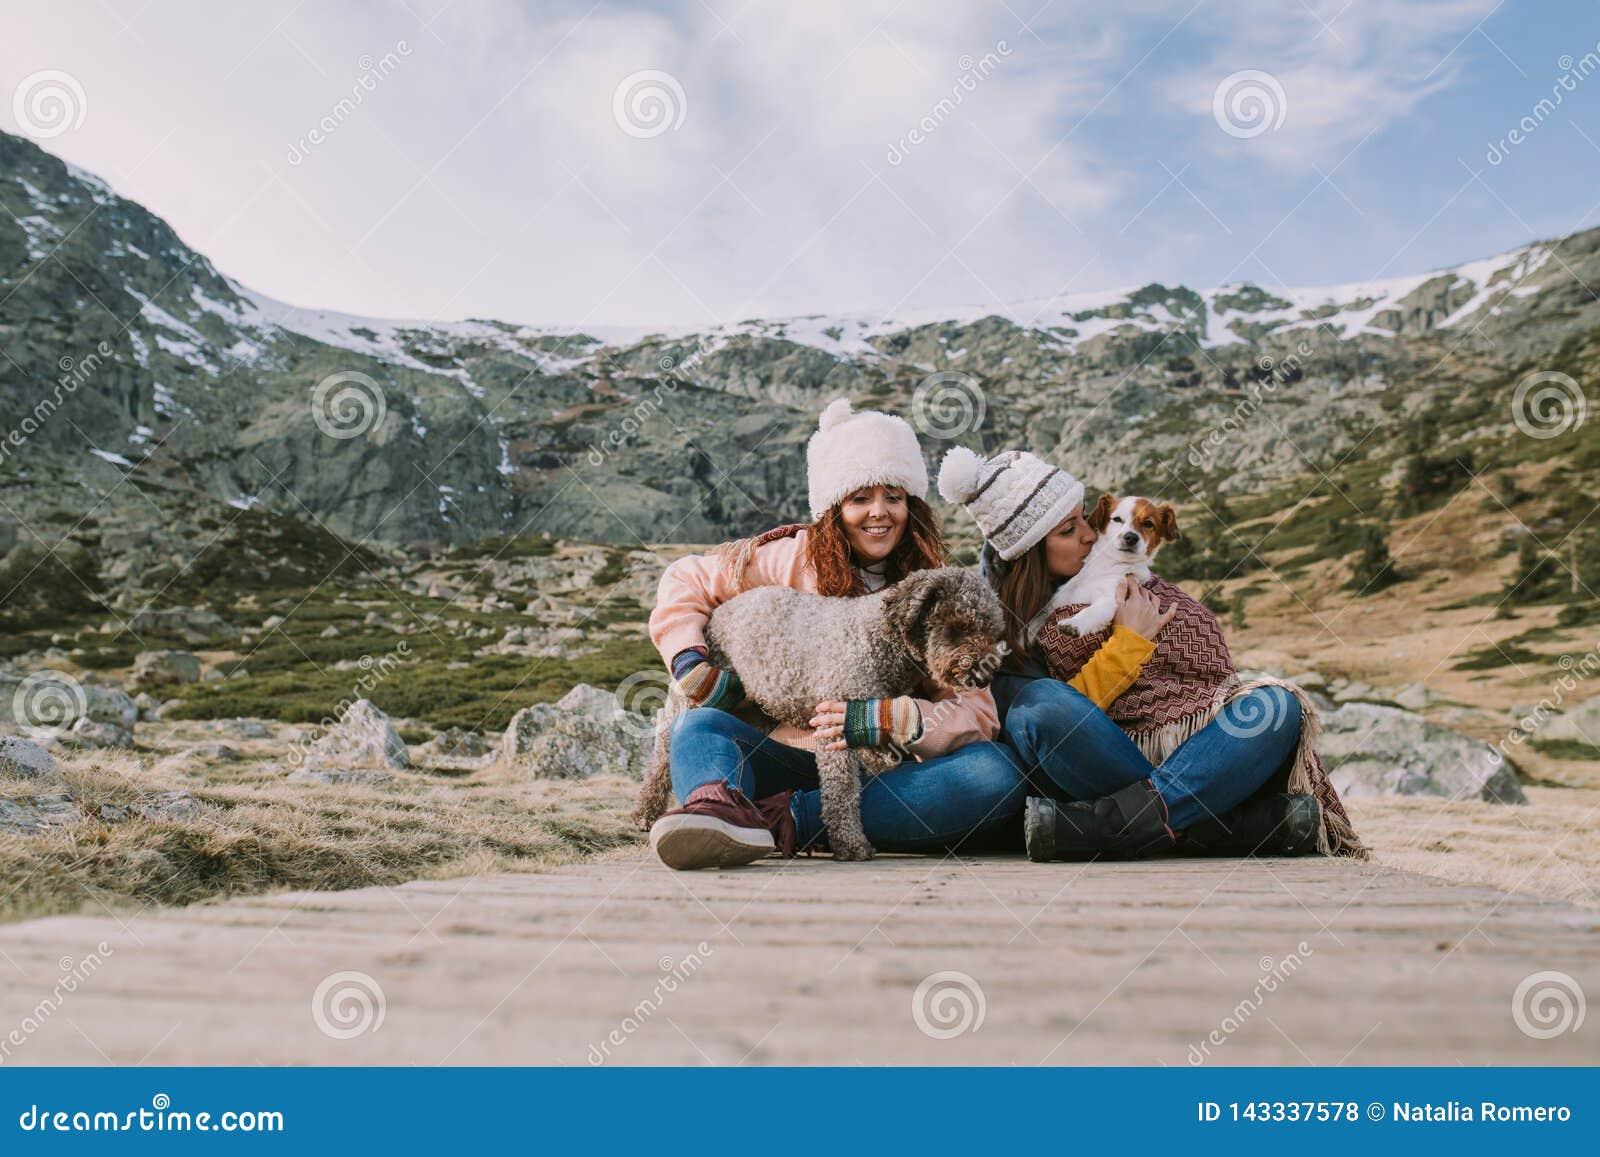 Lek för två vänner med deras hundkapplöpning som sitter i ängen med ett stort berg bak dem